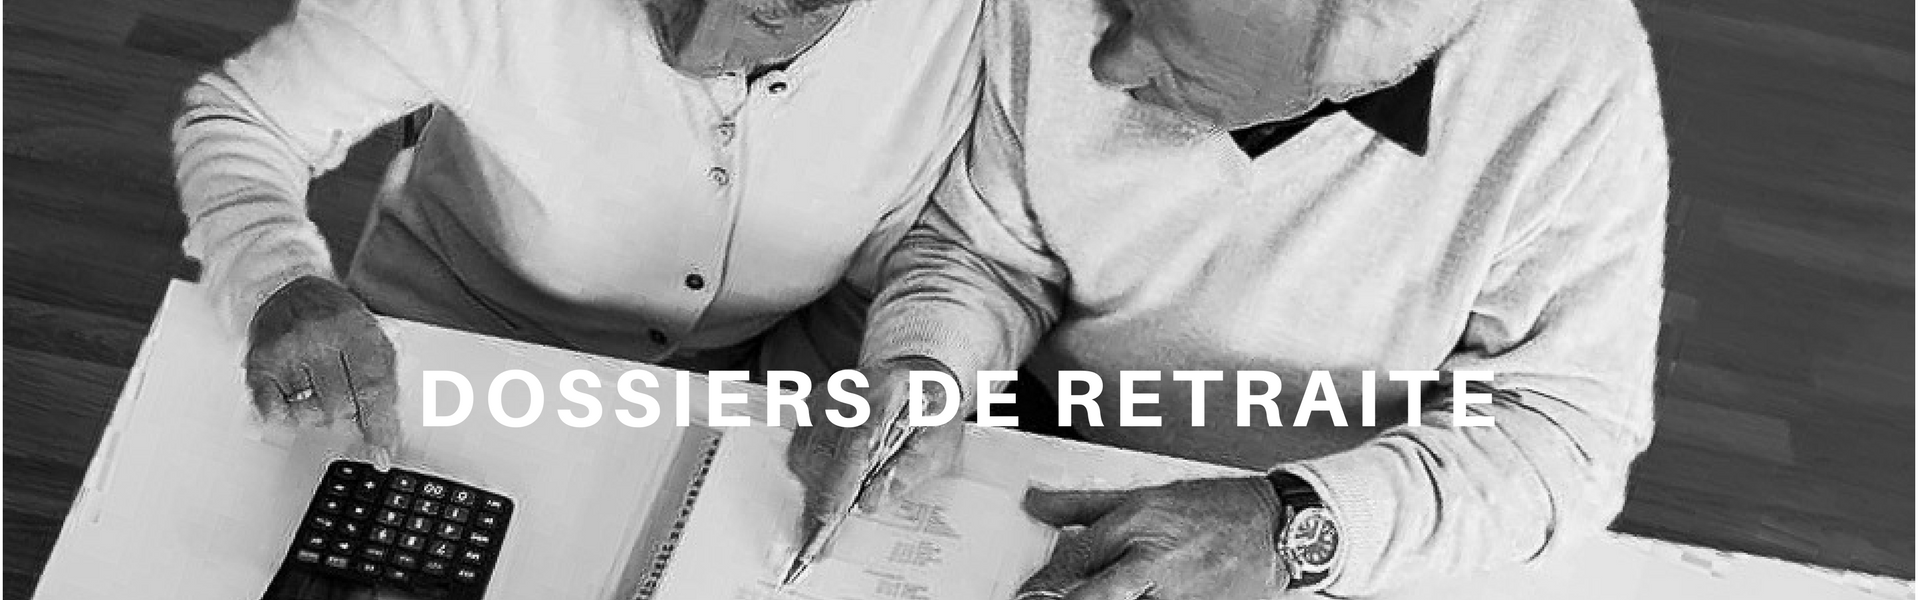 Diapositive Aide aux dossiers de retraite